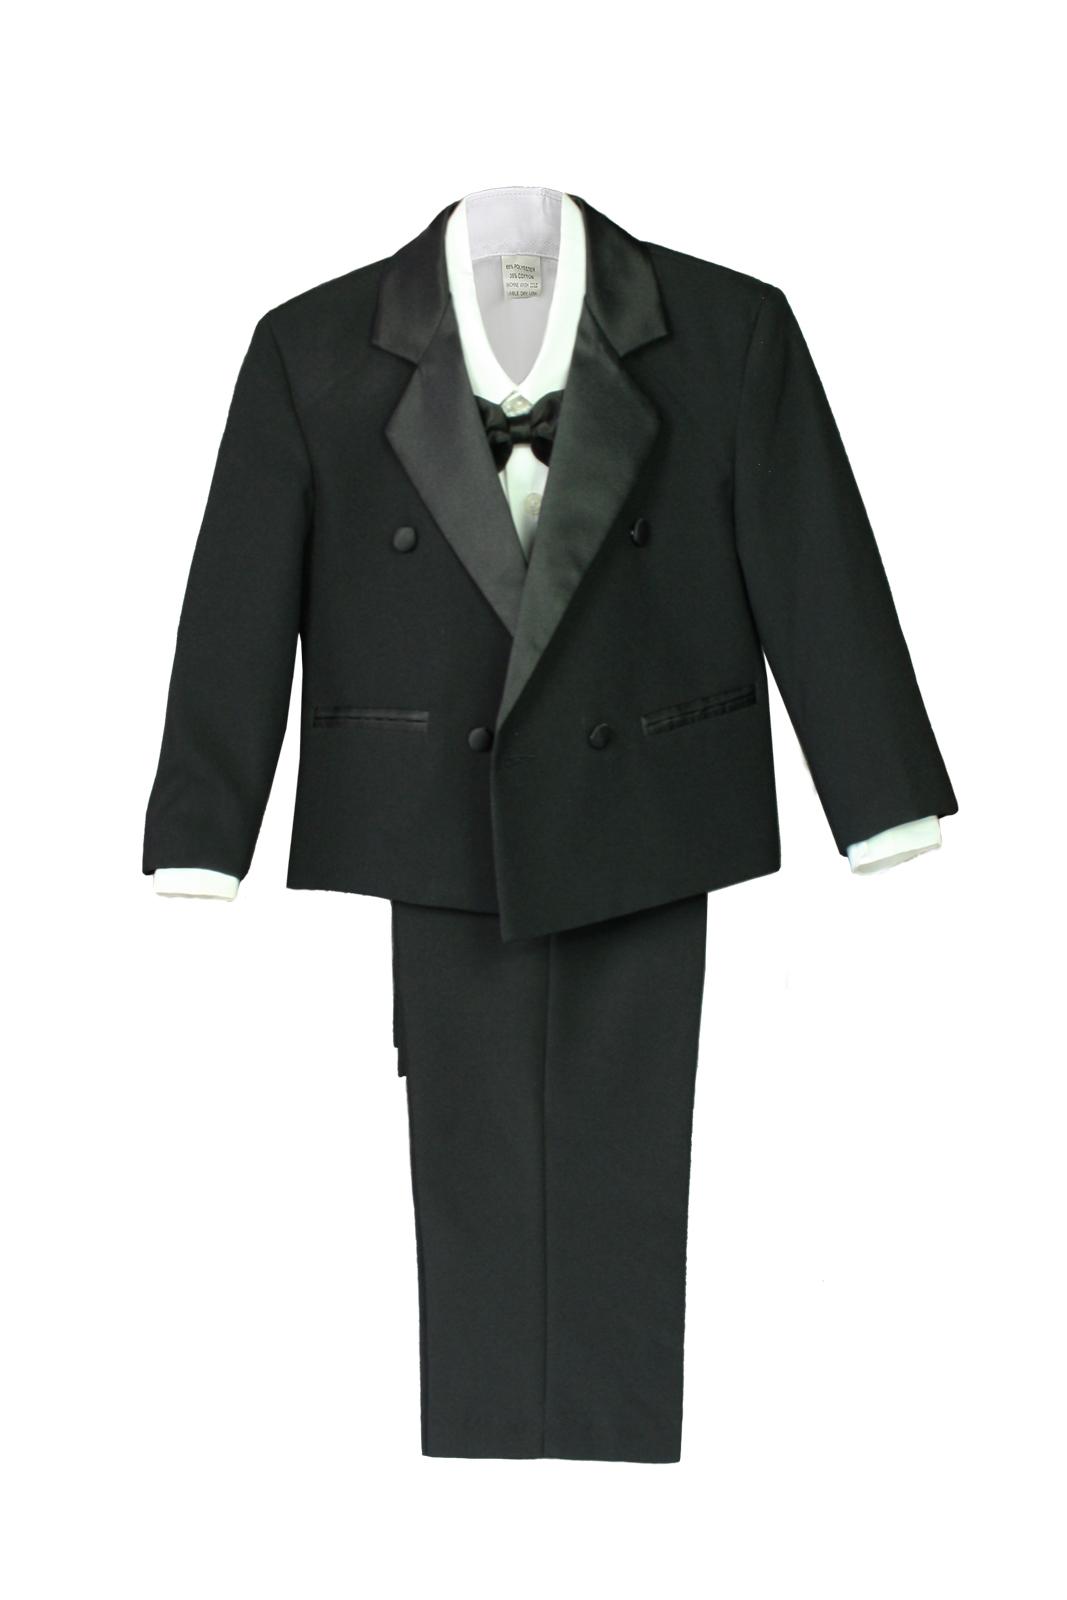 Boy Baby Kid Wedding Formal Wear Party Black 5pc Double Breast Suit Tuxedo S-XL